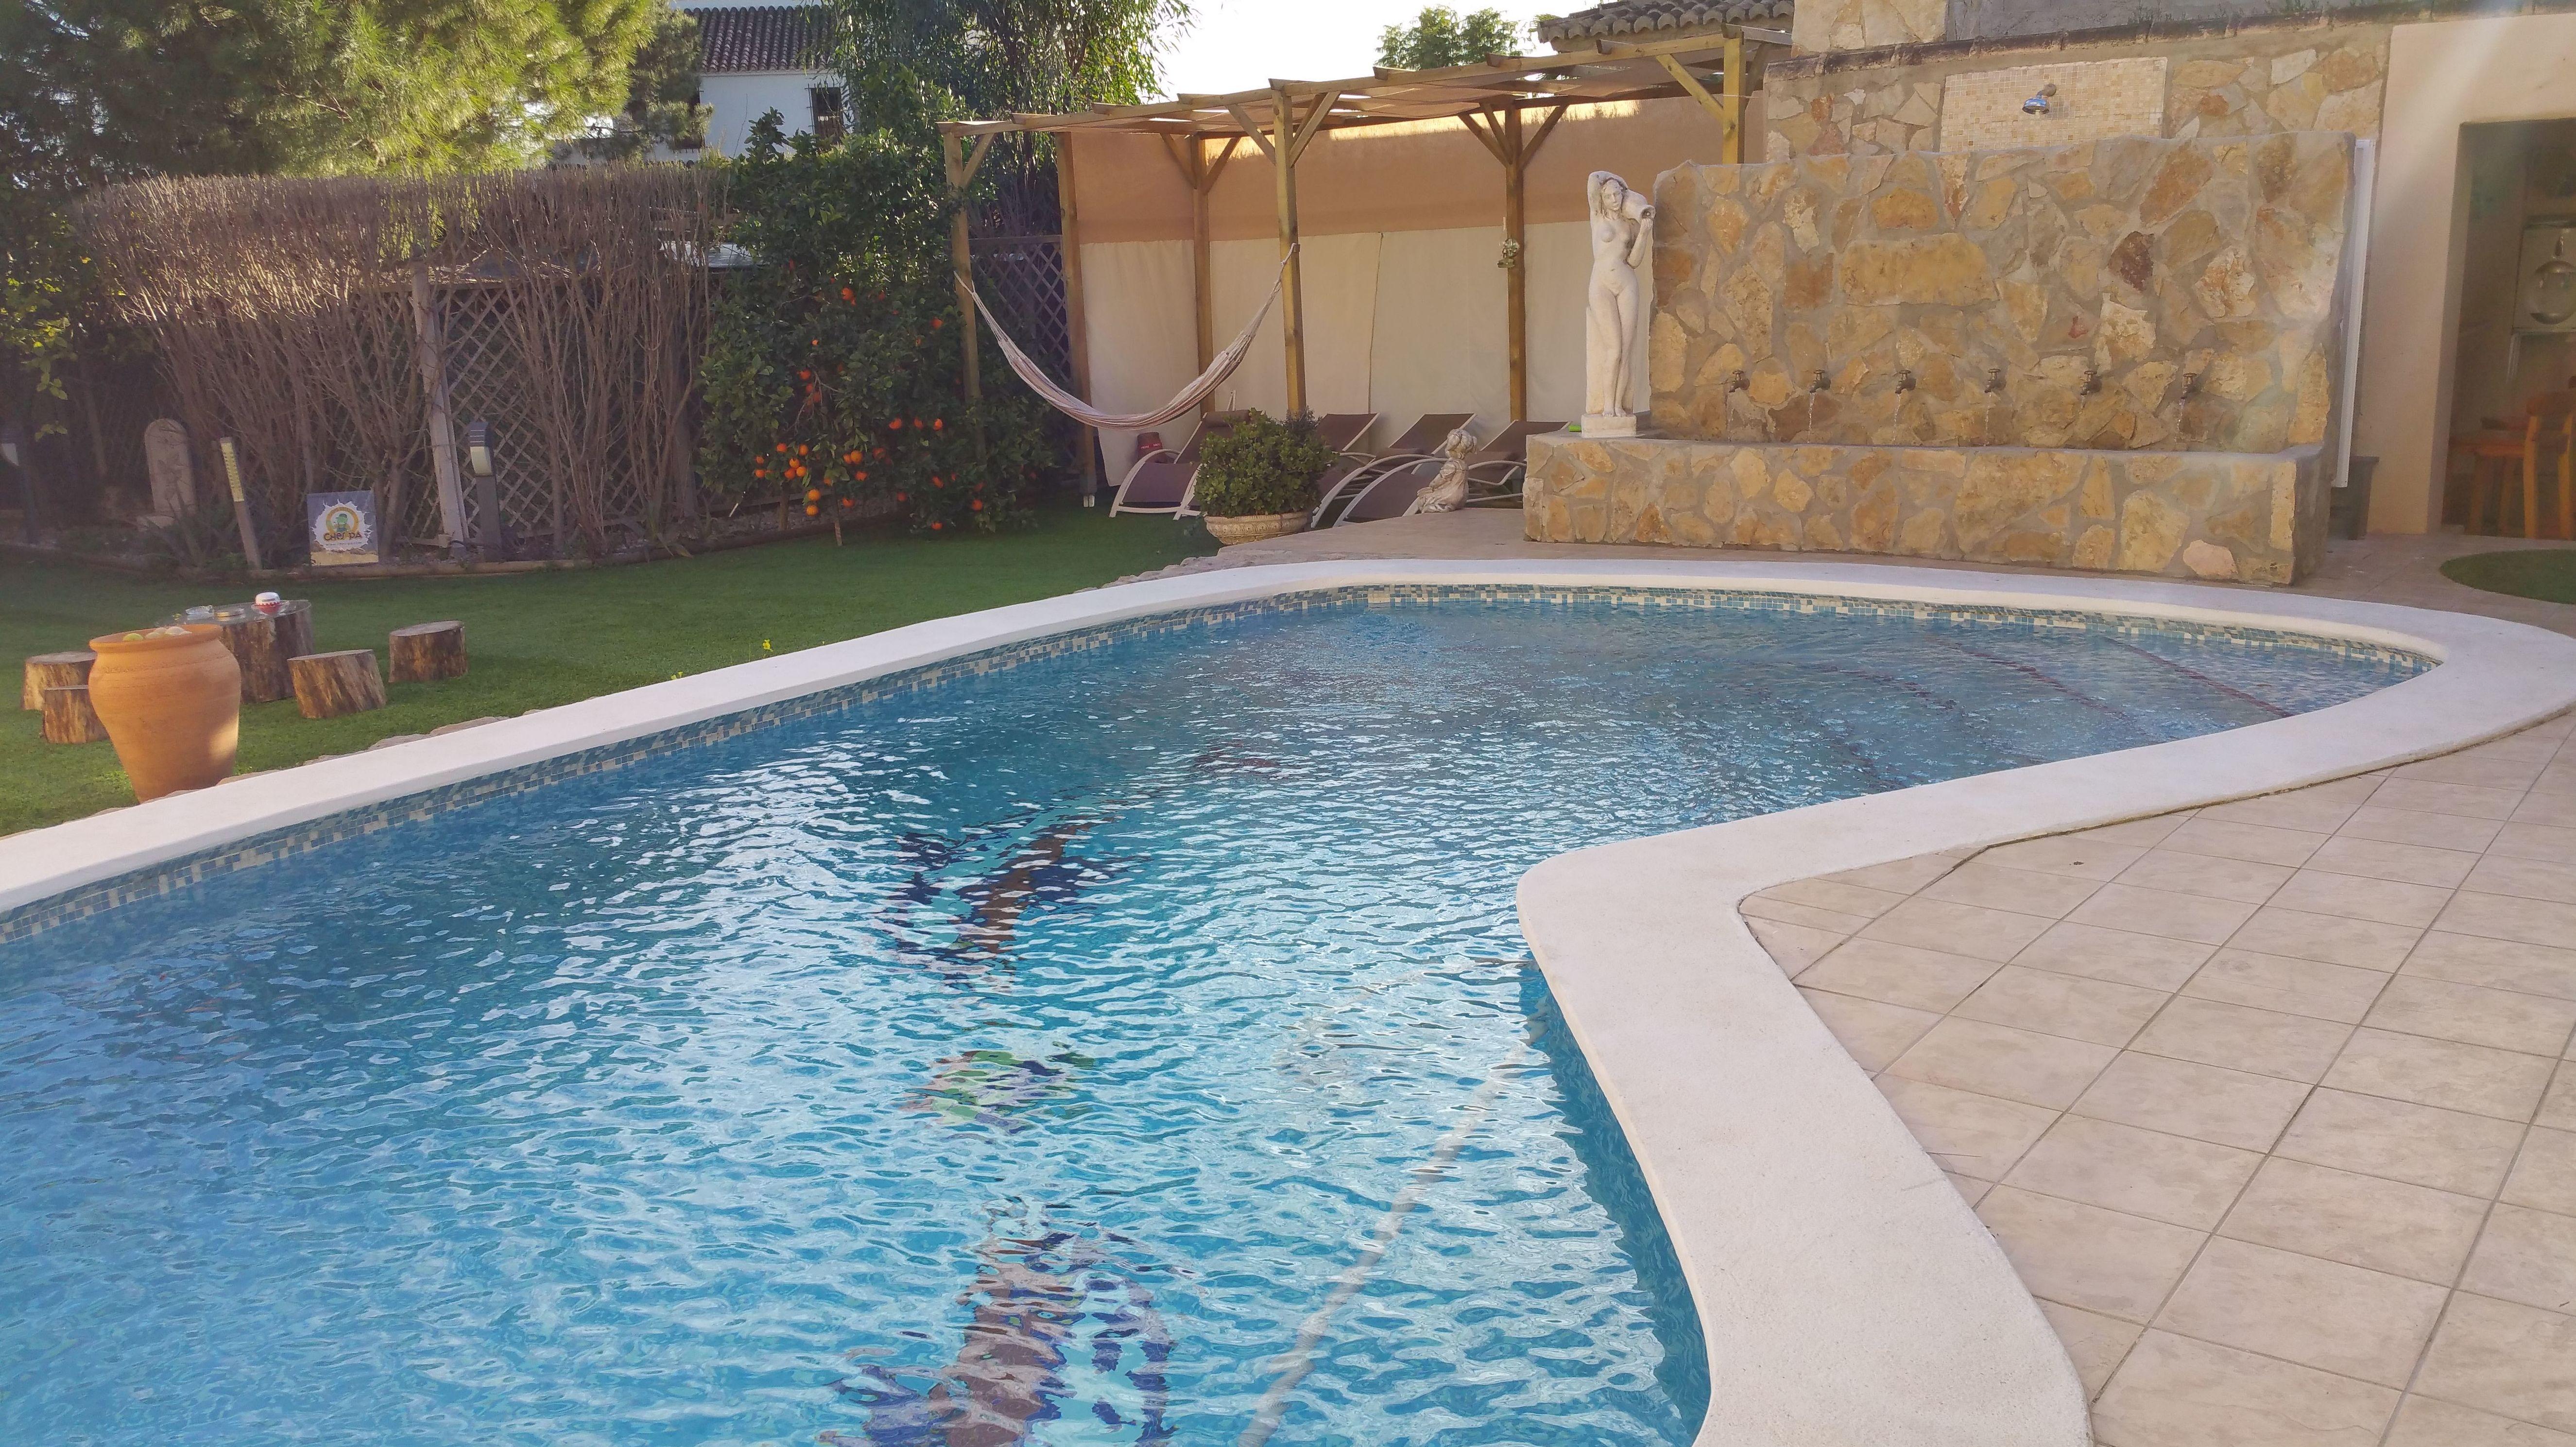 Construcción, mantenimiento de piscinas y acabado con césped artificial para vuestro jardín